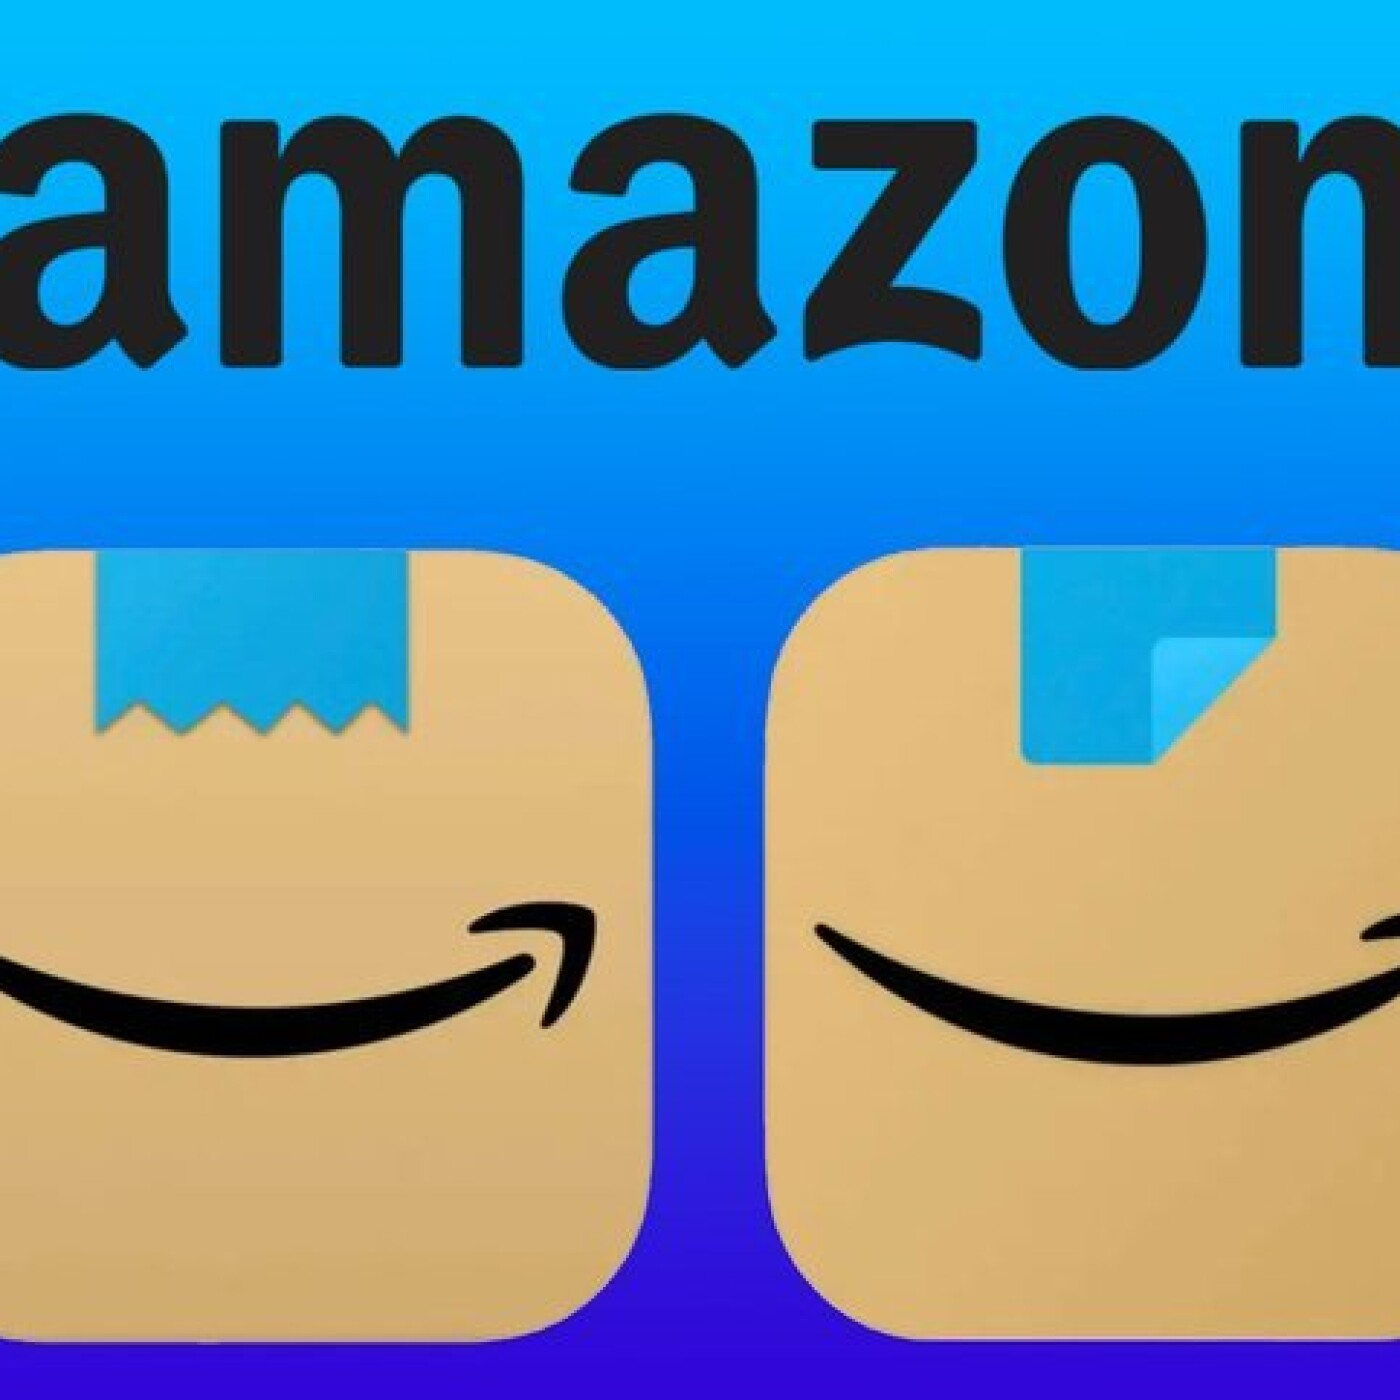 Gauthier et son Humeur du jour concernant le logo Amazon - 16 03 2021 - StereoChic Radio